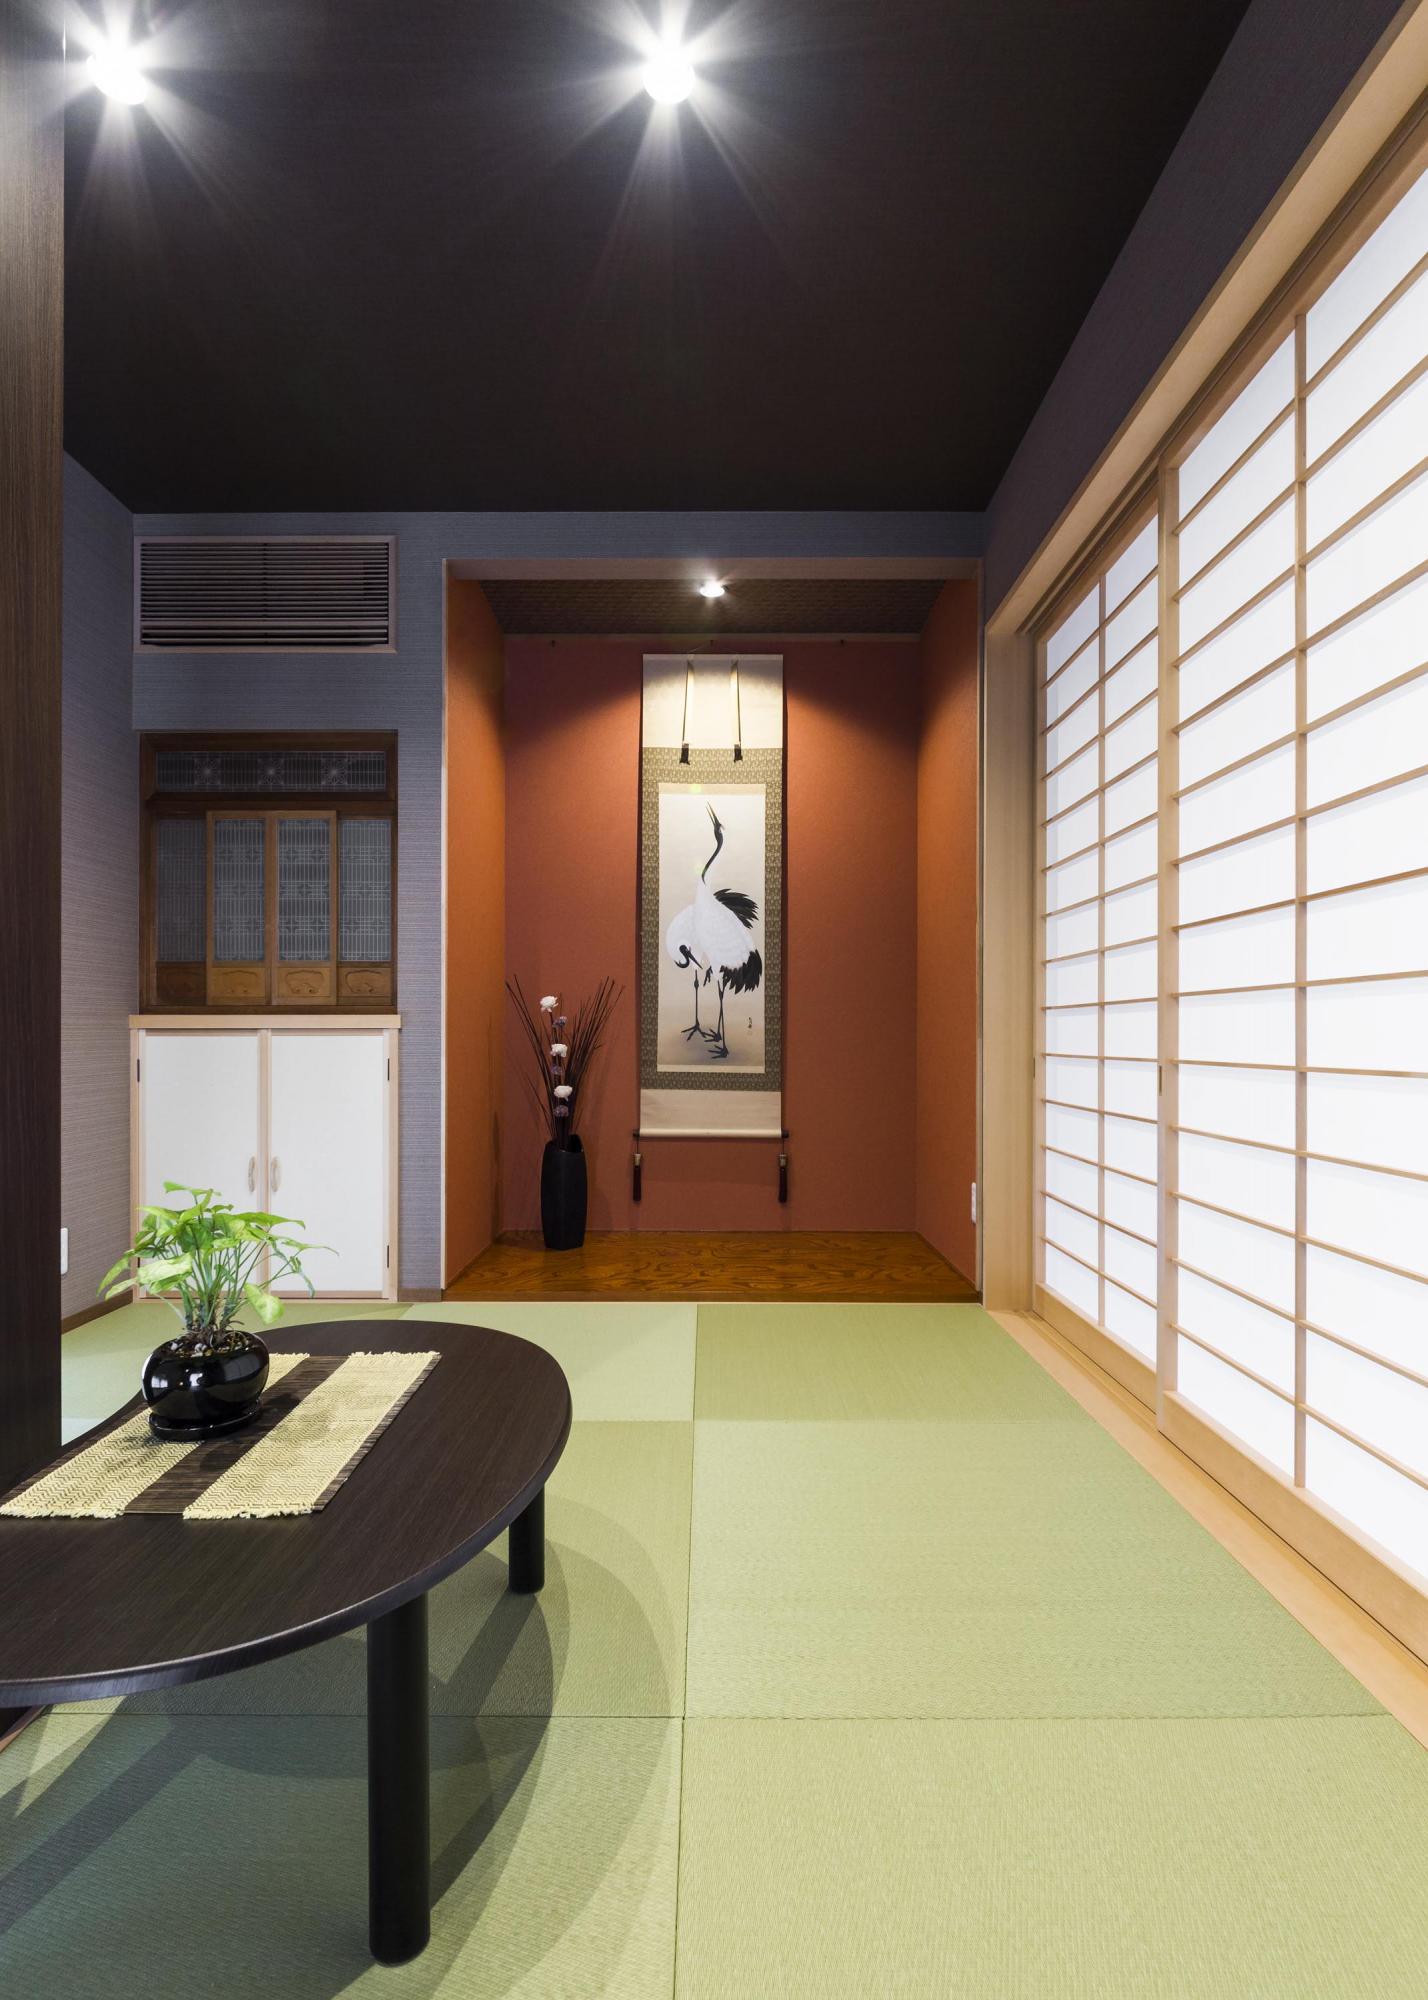 小上がりの和室は通常フルオープンにしてLDの一部に。また扉を閉めてゲストルームとして使用。仏壇スペースと床の間も確保した。